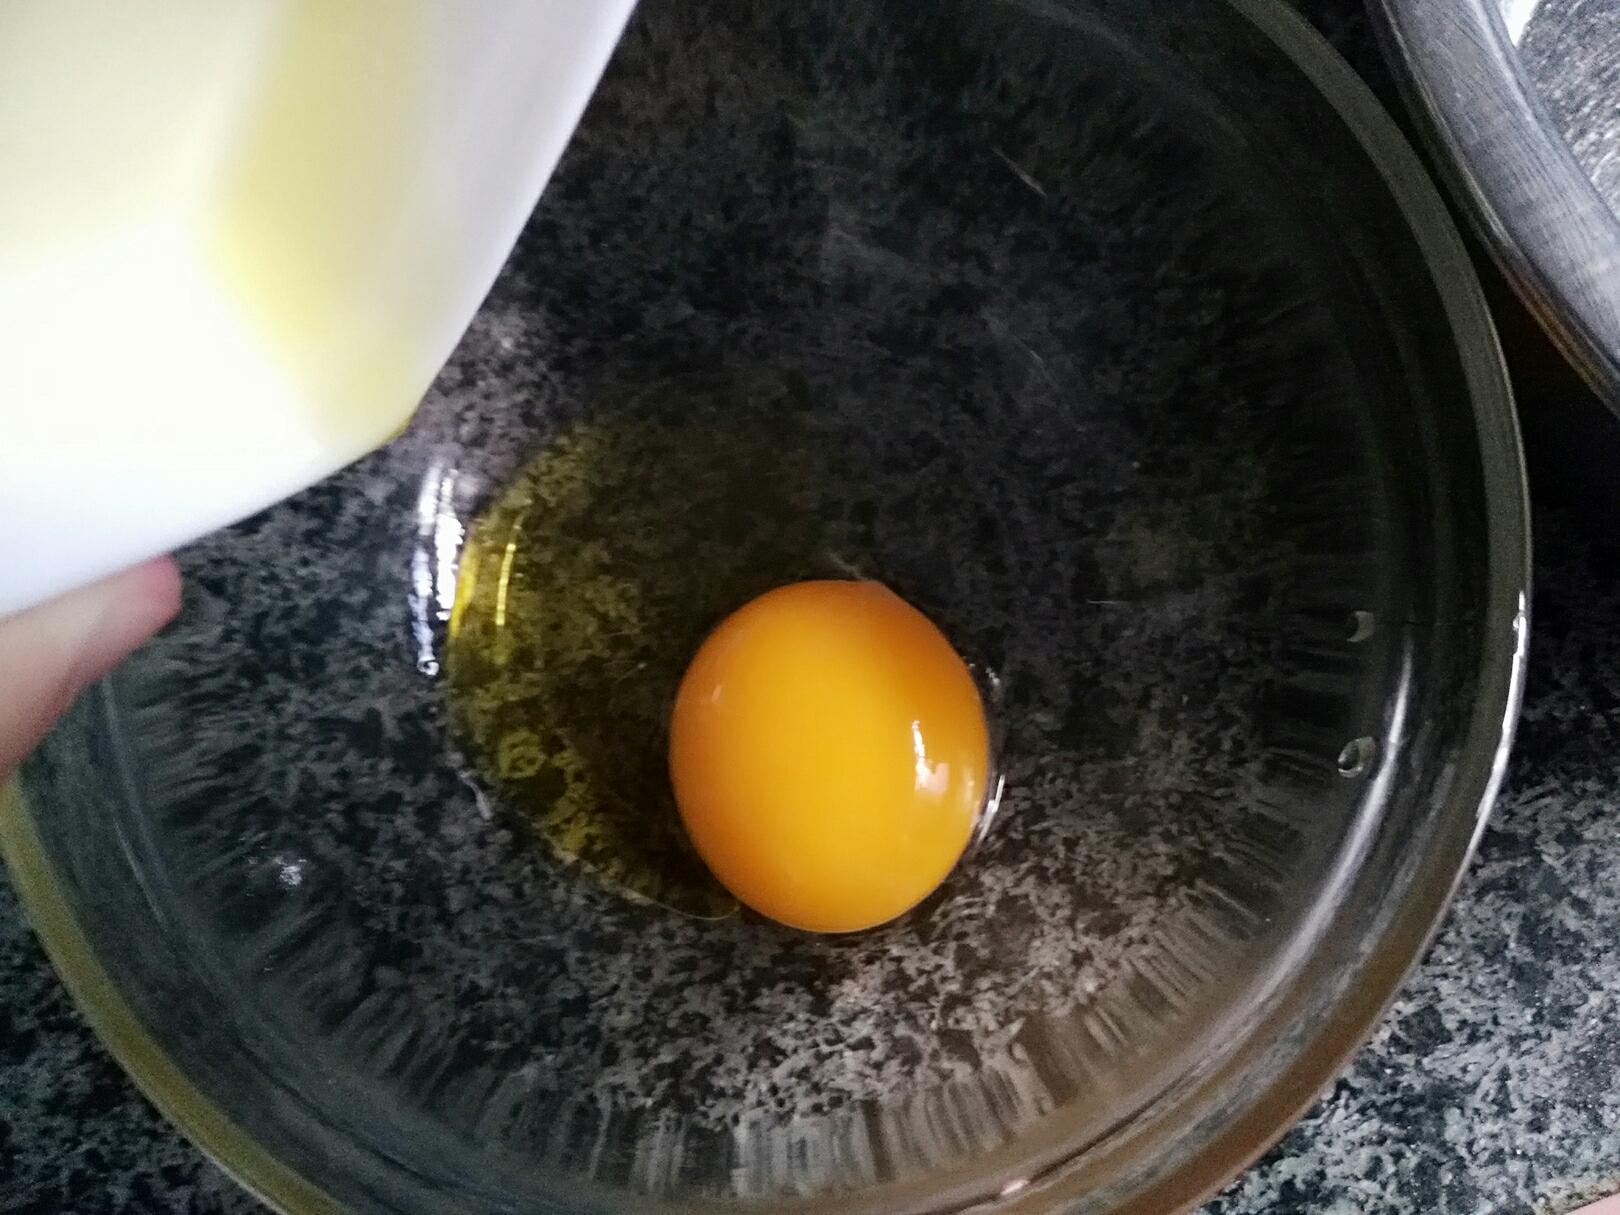 平底锅紫薯夹心蛋糕卷</p> <p>宝宝辅食,蛋黄加玉米油